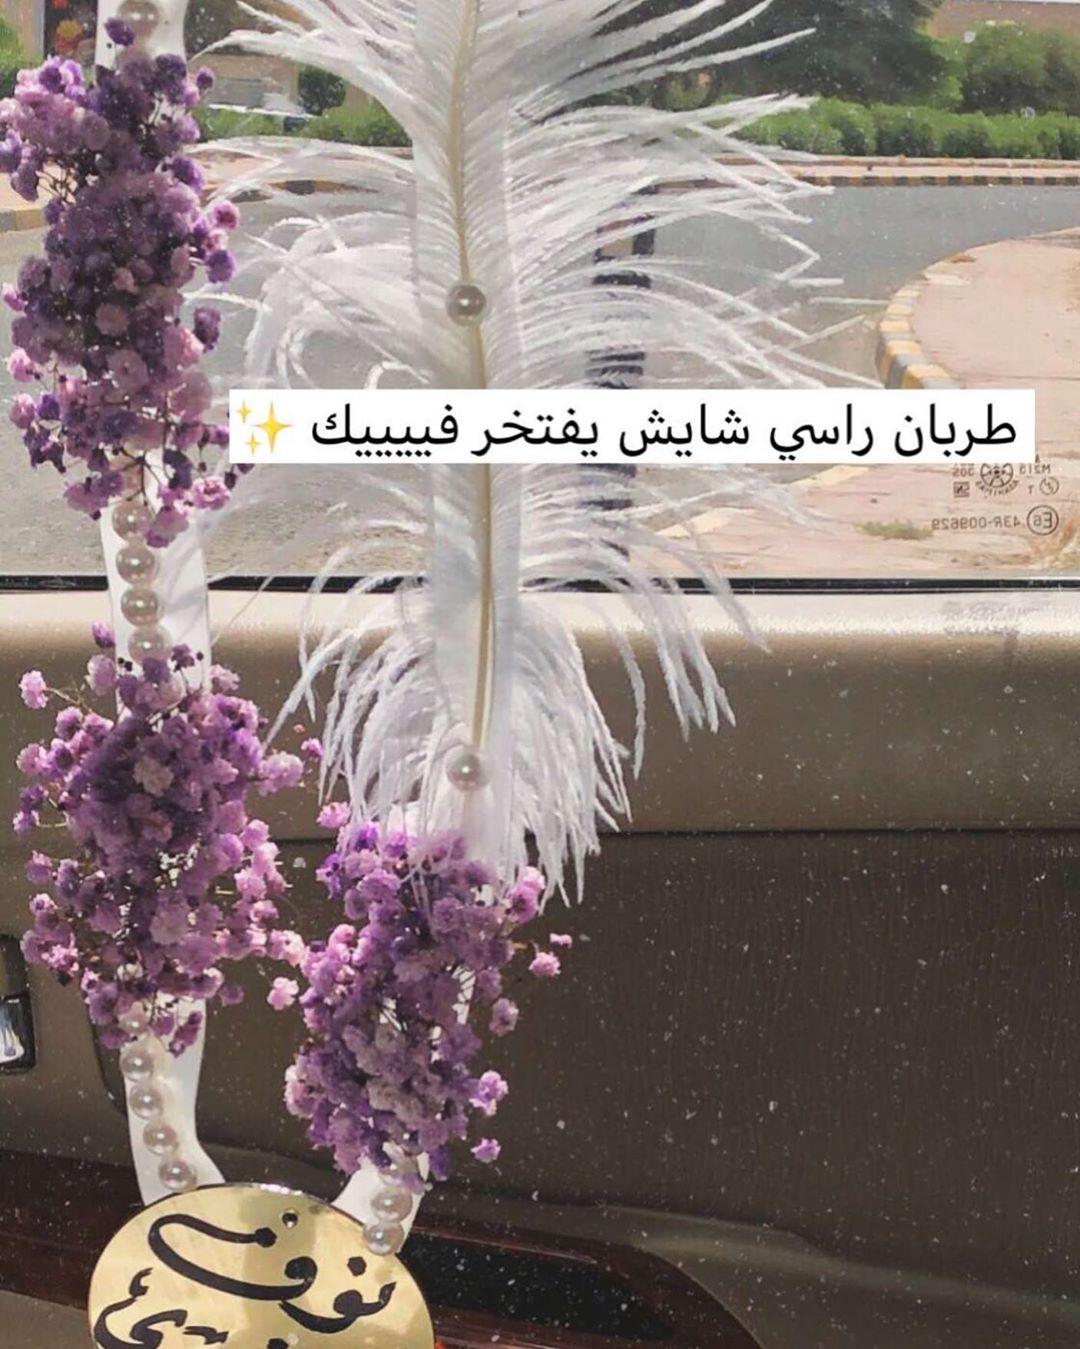 حكايات غين تخرج خريجات 2018 توزيعات زواج توزيعات مميزة ورد زهور Kuwait Kuwaitcity Kuwaitgirls Kuwaitlife Gifts Flowers هديه هدايا جوديفا عدستي